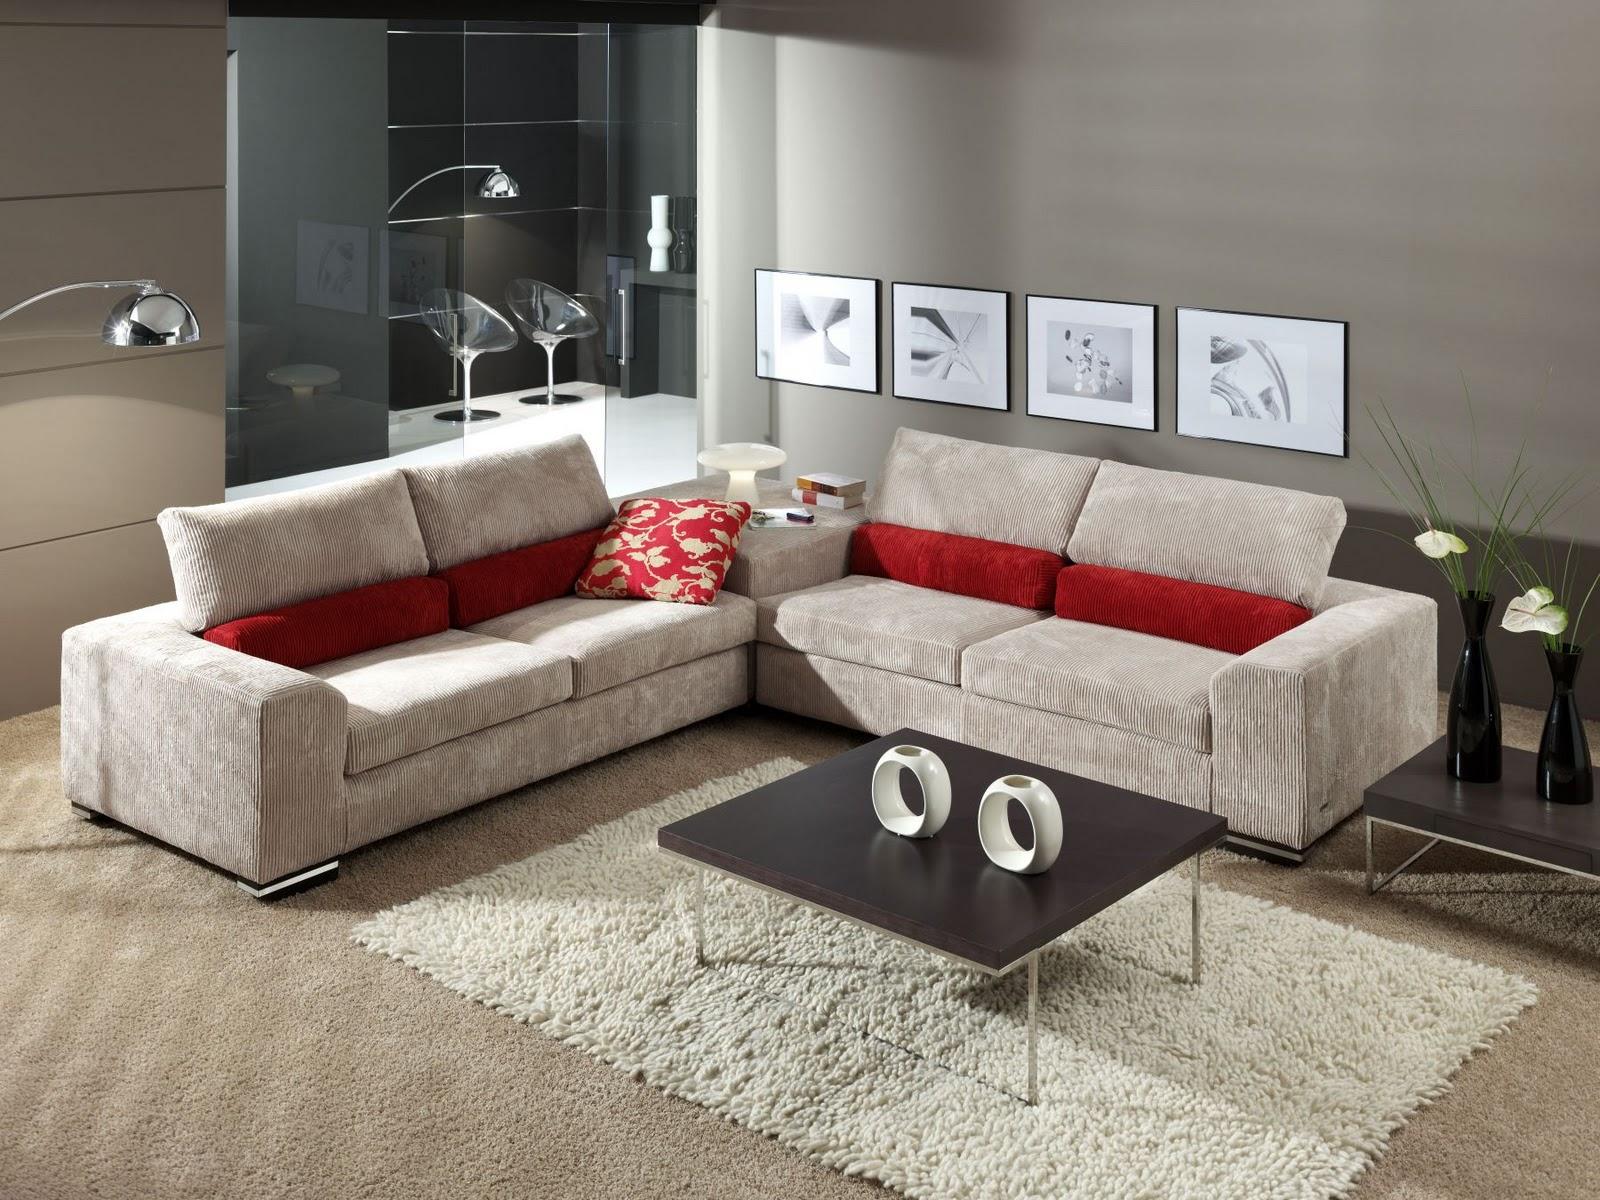 Tienda de muebles salvany muebles salvany dormitorios for Muebles matrimonio